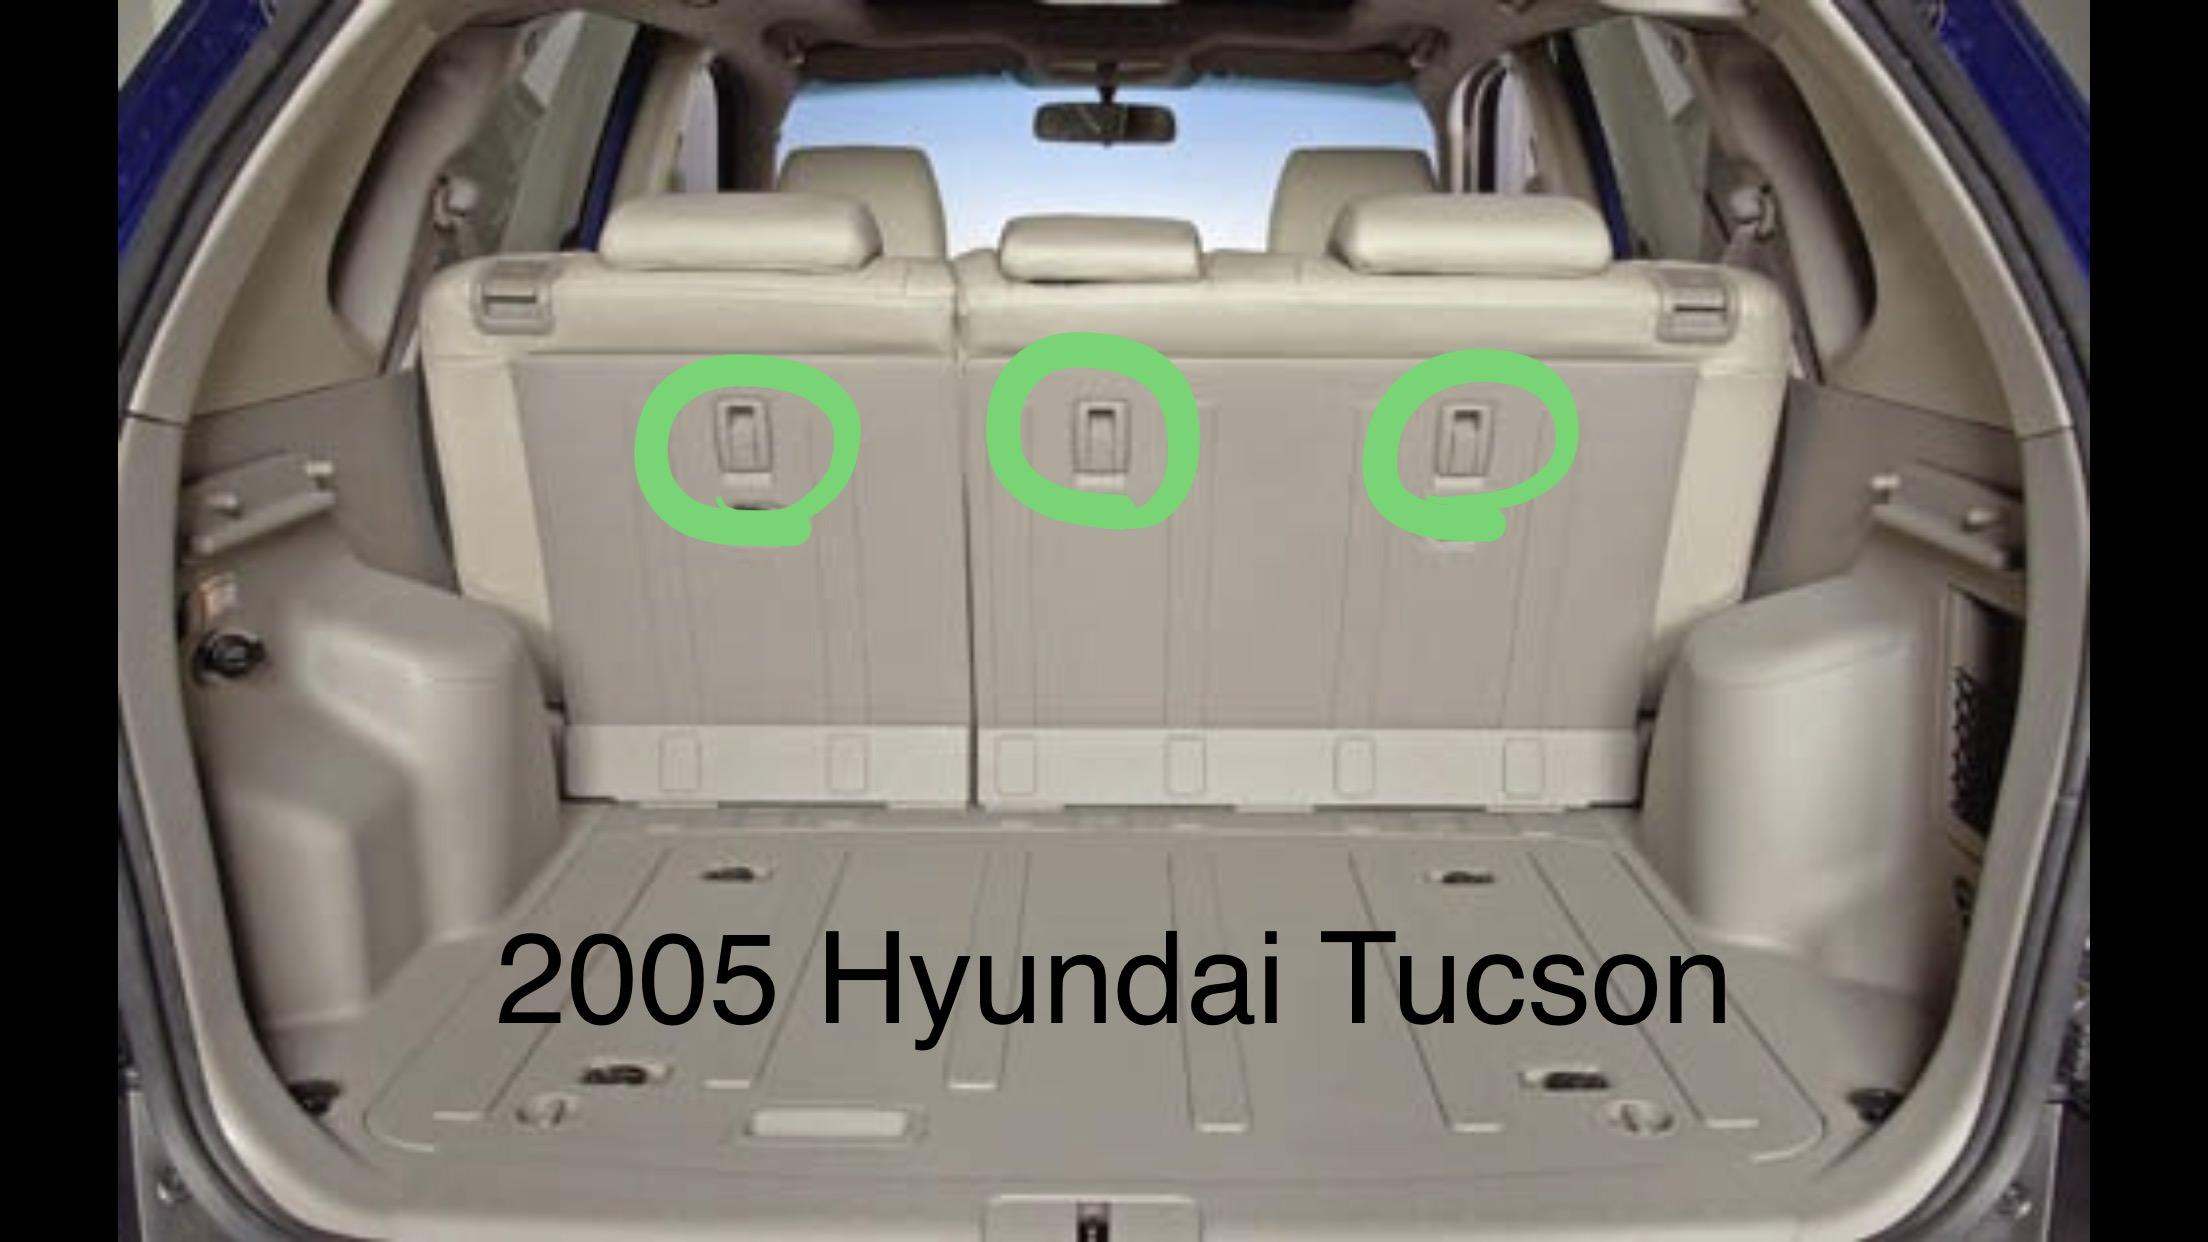 Hyundai Tucson Tethers Edmunds on Car Seat Back